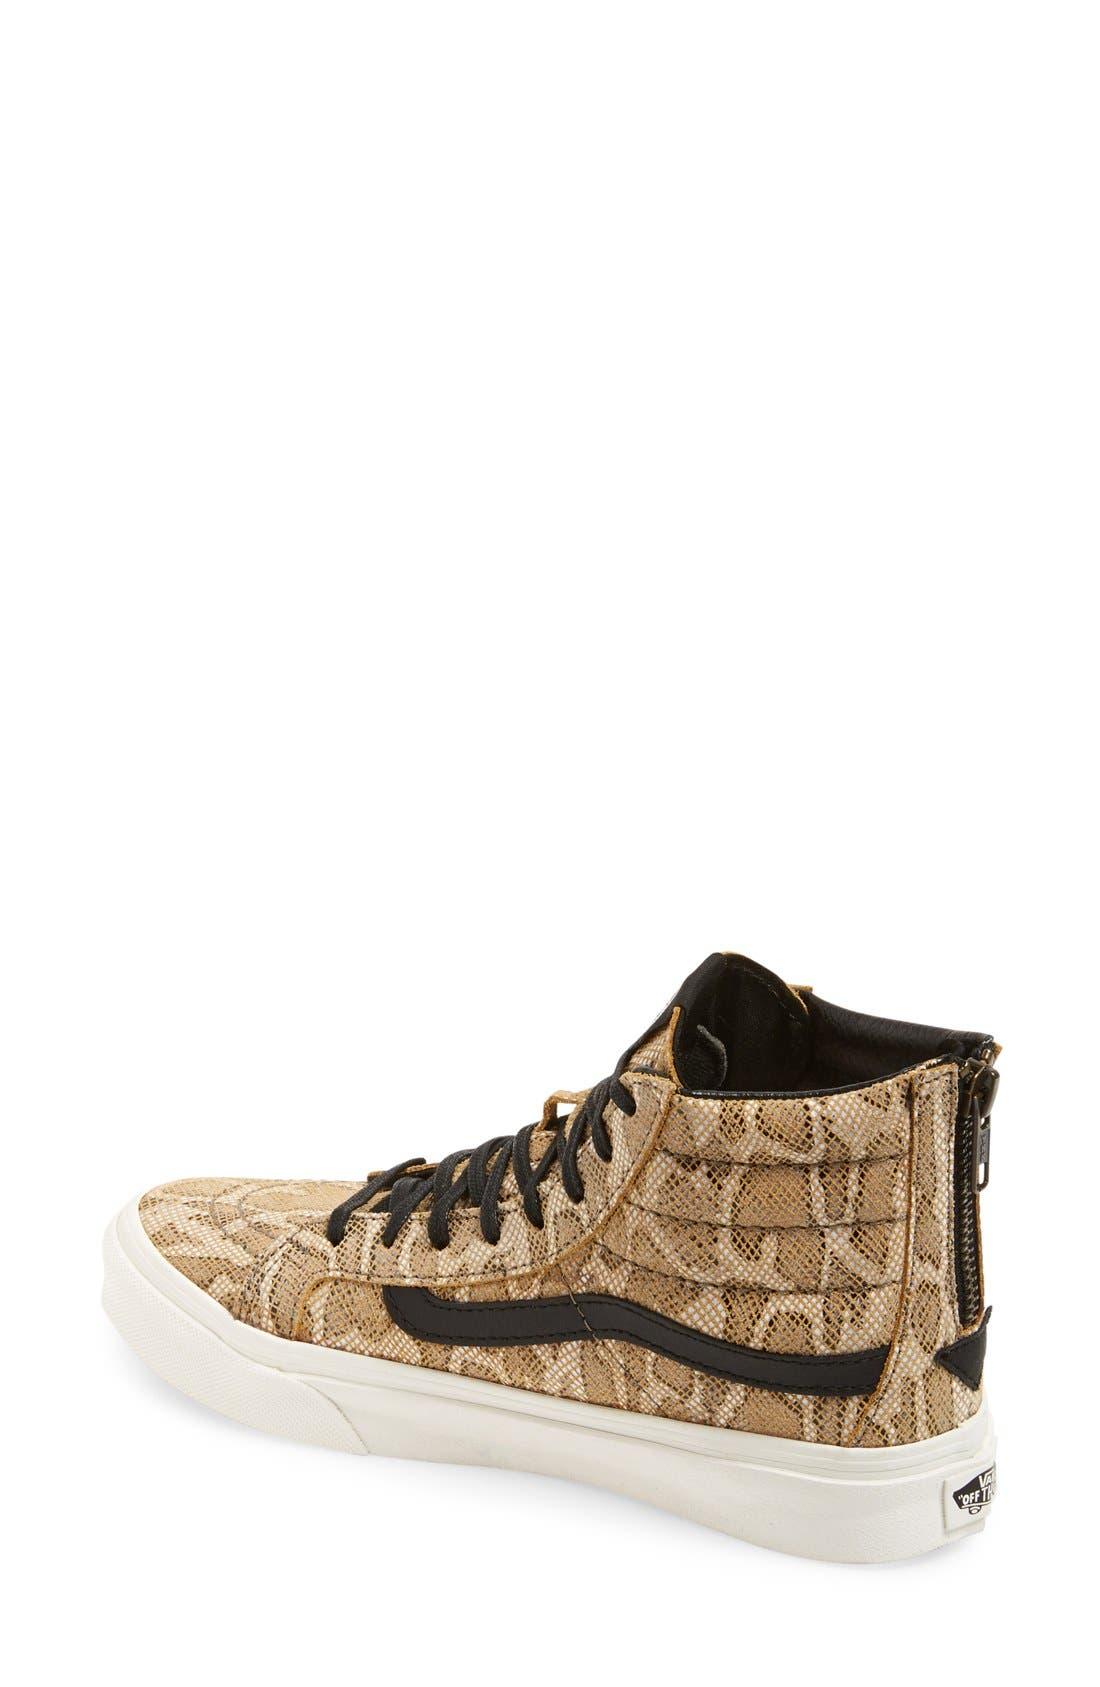 'Sk8-Hi' Zip Sneaker,                             Alternate thumbnail 3, color,                             200